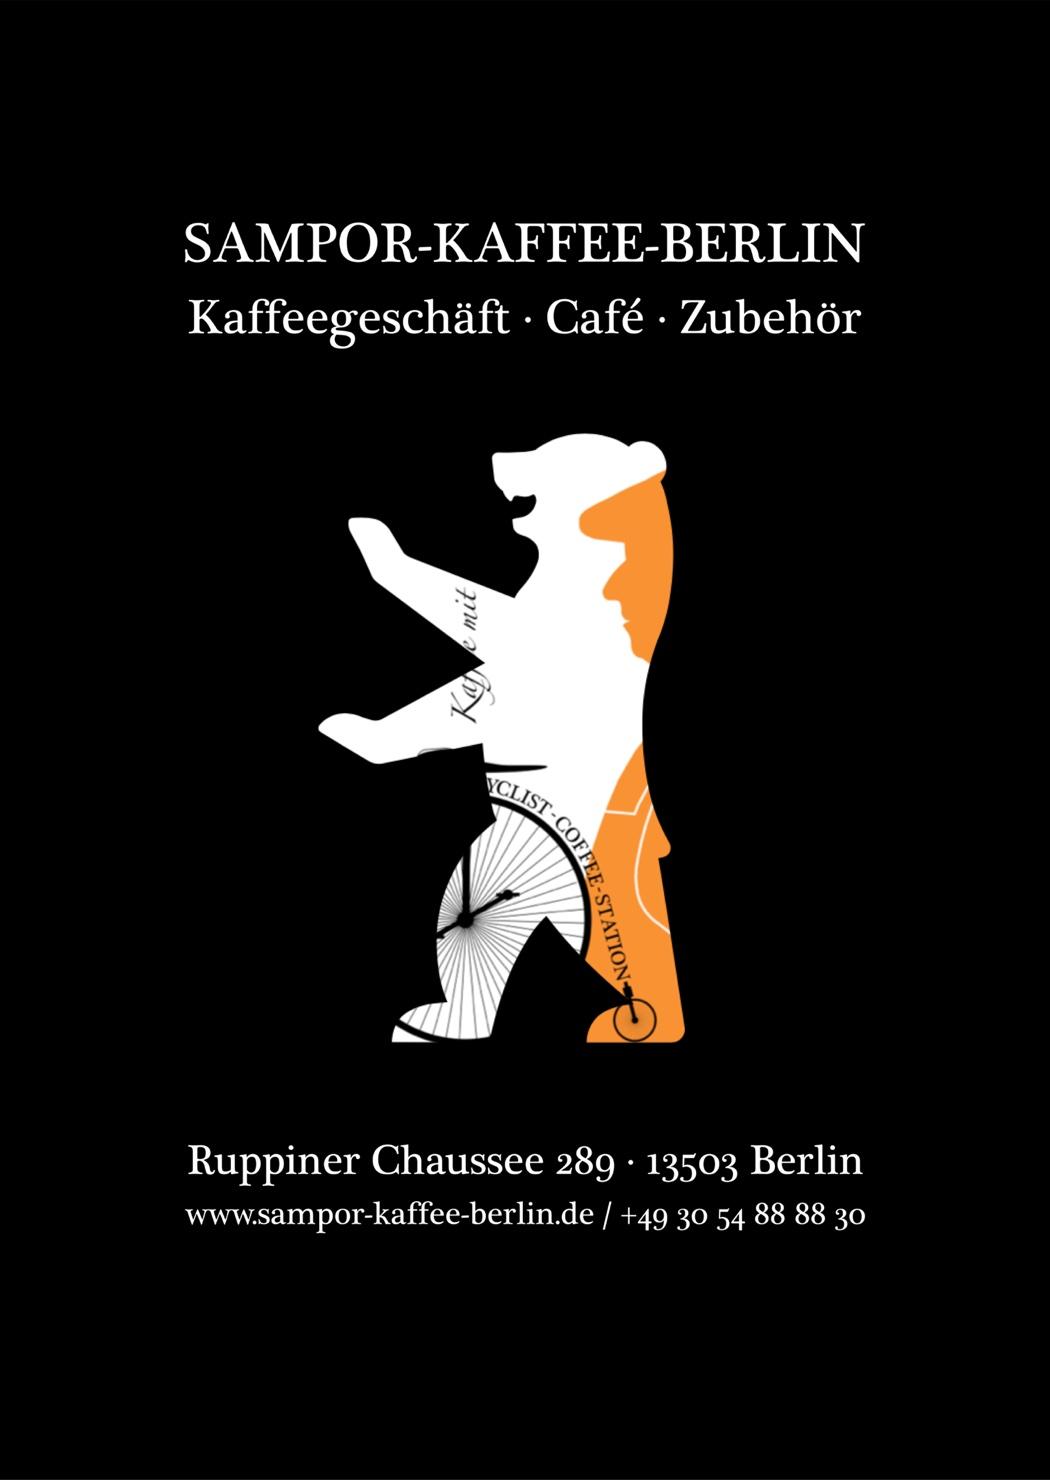 Der Bär als Symbol & Wappentier von Berlin / Kampagne #wirsindeinberlin - AK Kaffee